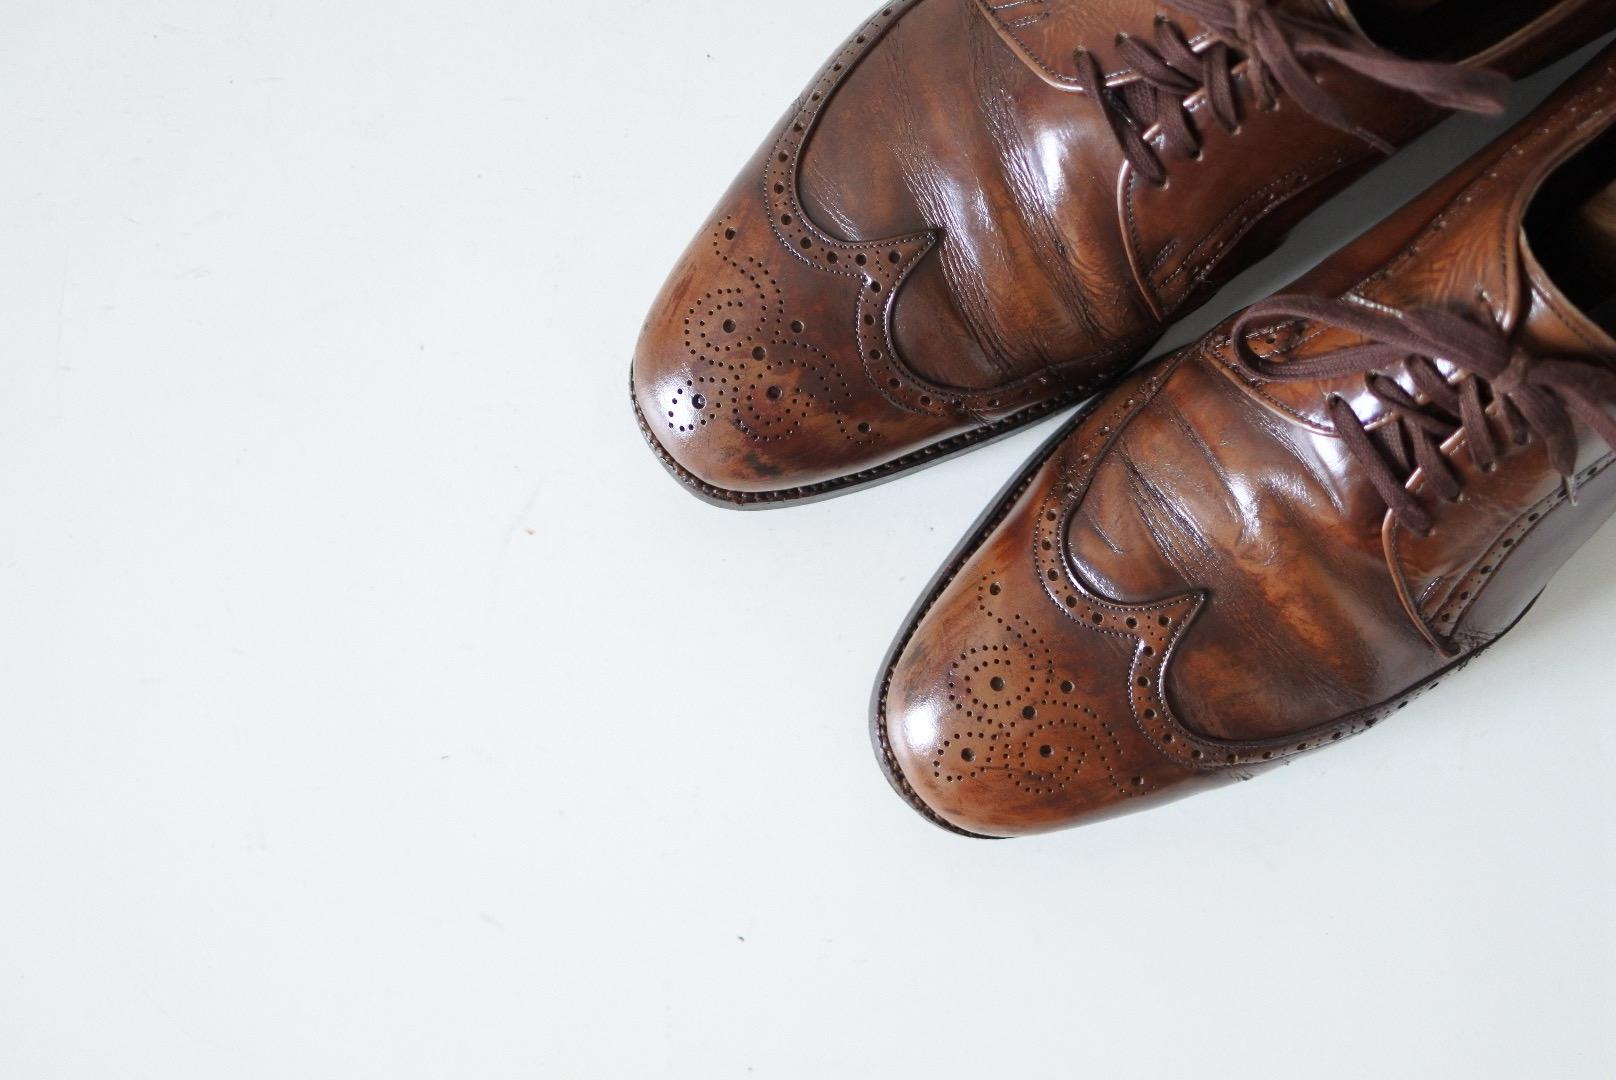 ビンテージの革靴を買うならこのブランド!チャーチが買収したAlan Mcafee(アランマカフィー)